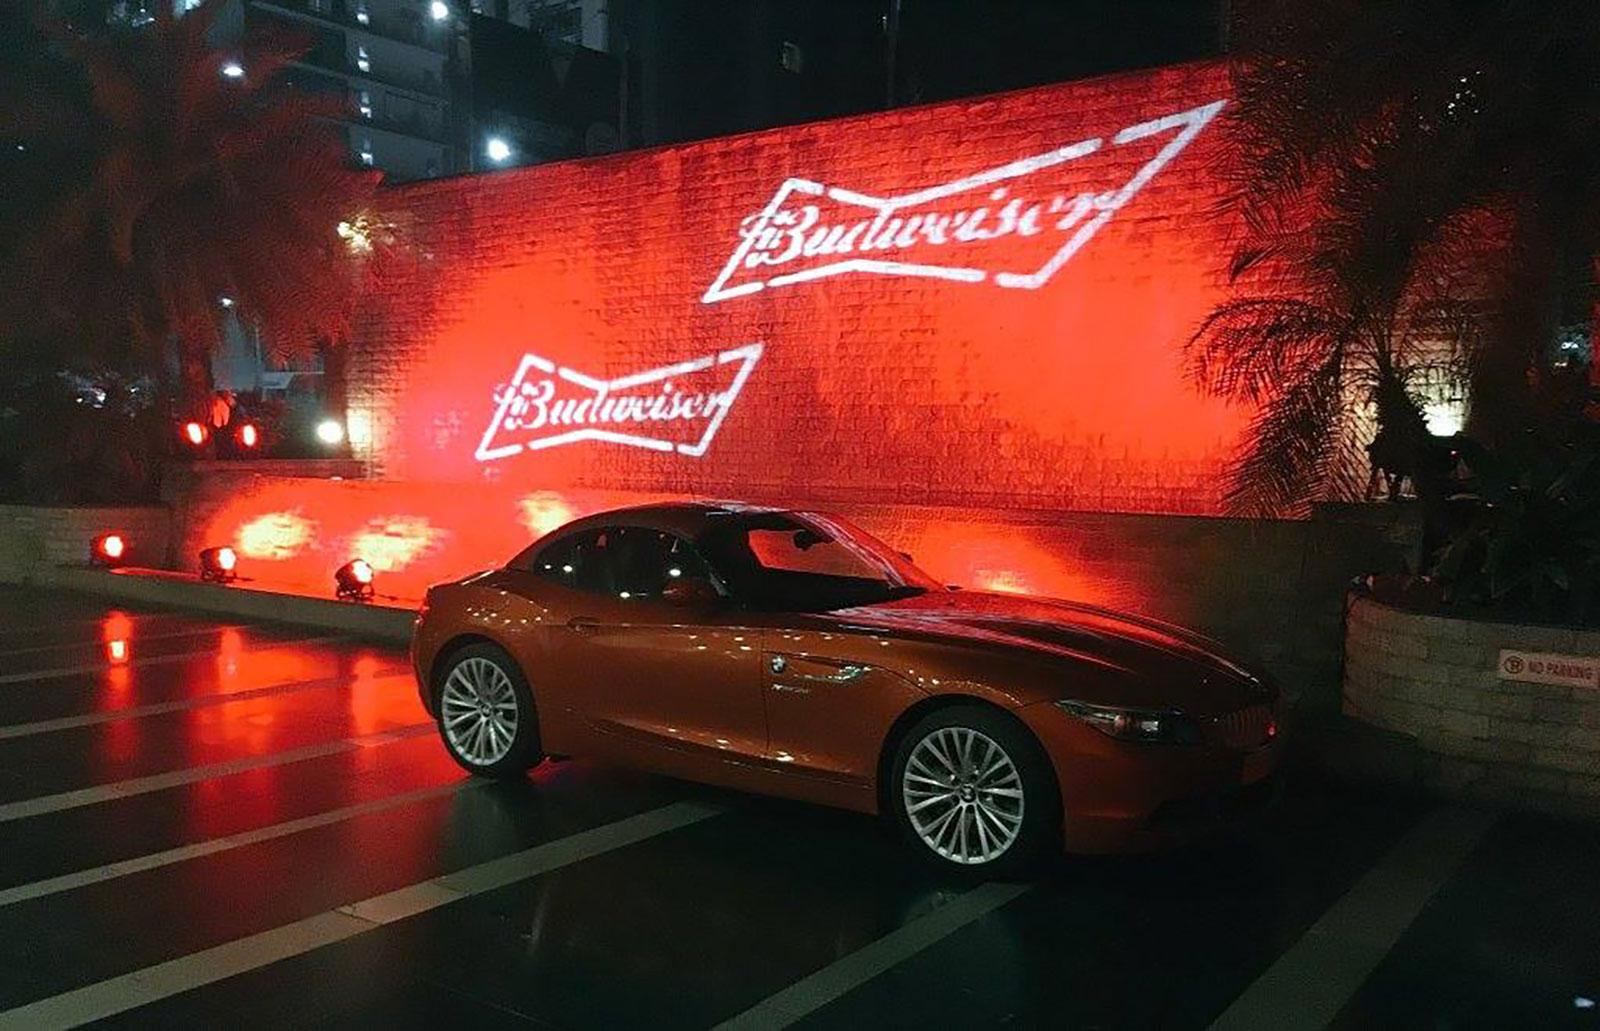 Budweiser-special-(1)